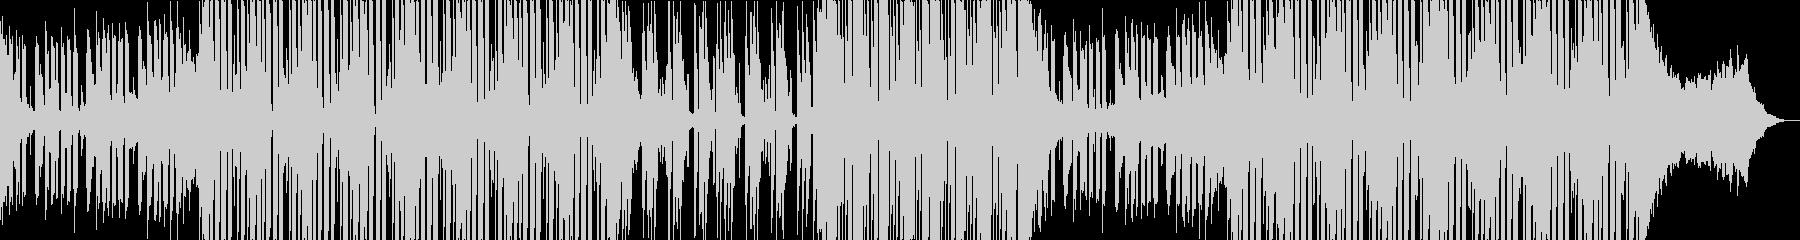 情熱的なフューチャーポップの未再生の波形